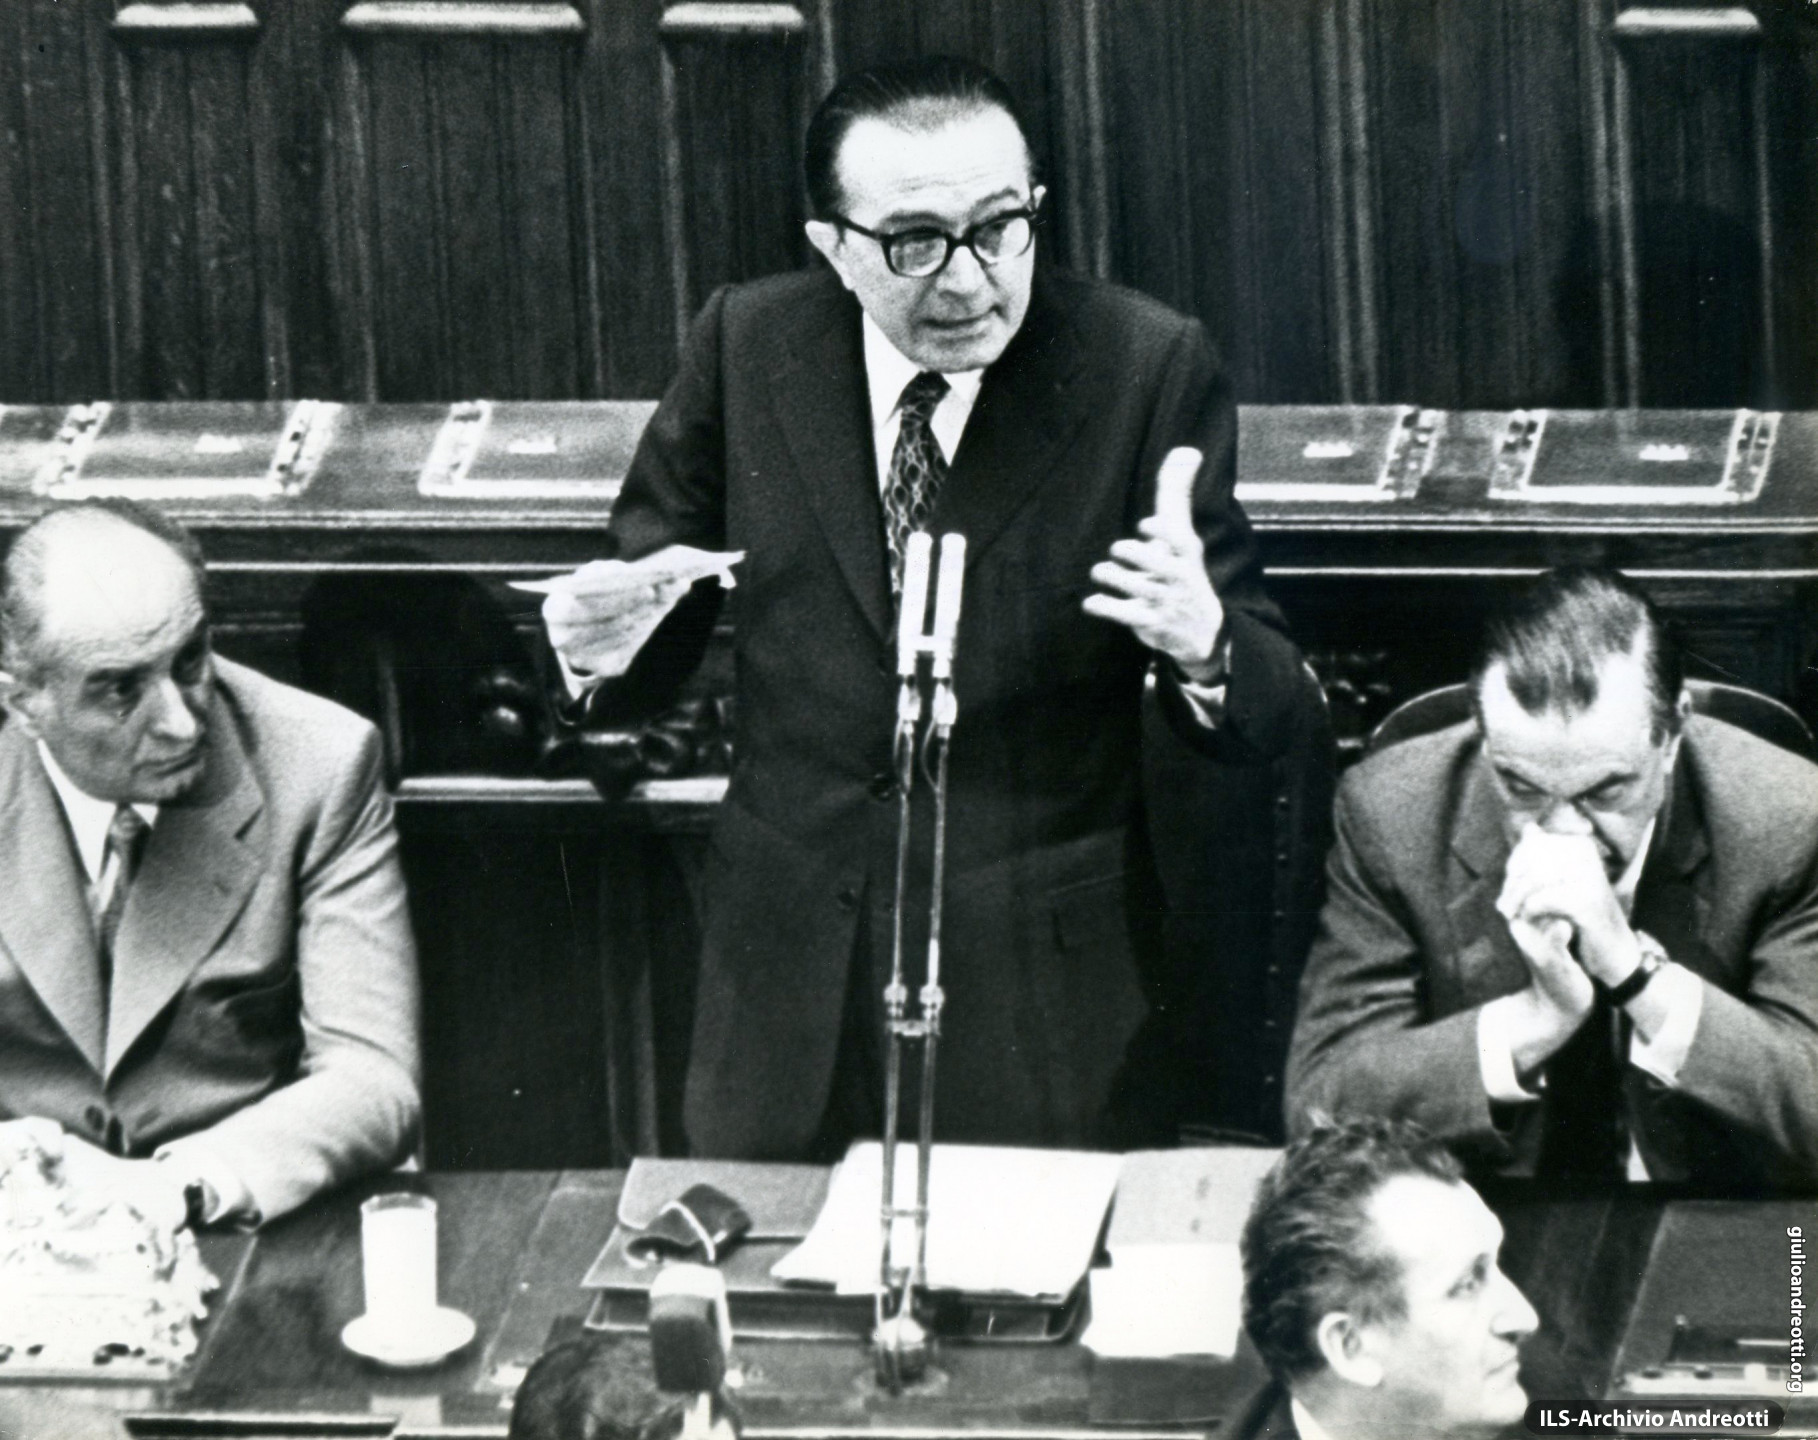 7 luglio 1972. Presentazione alla Camera del Governo Andreotti II accanto al presidente Mario Tanassi, Giovanni Malagodi.